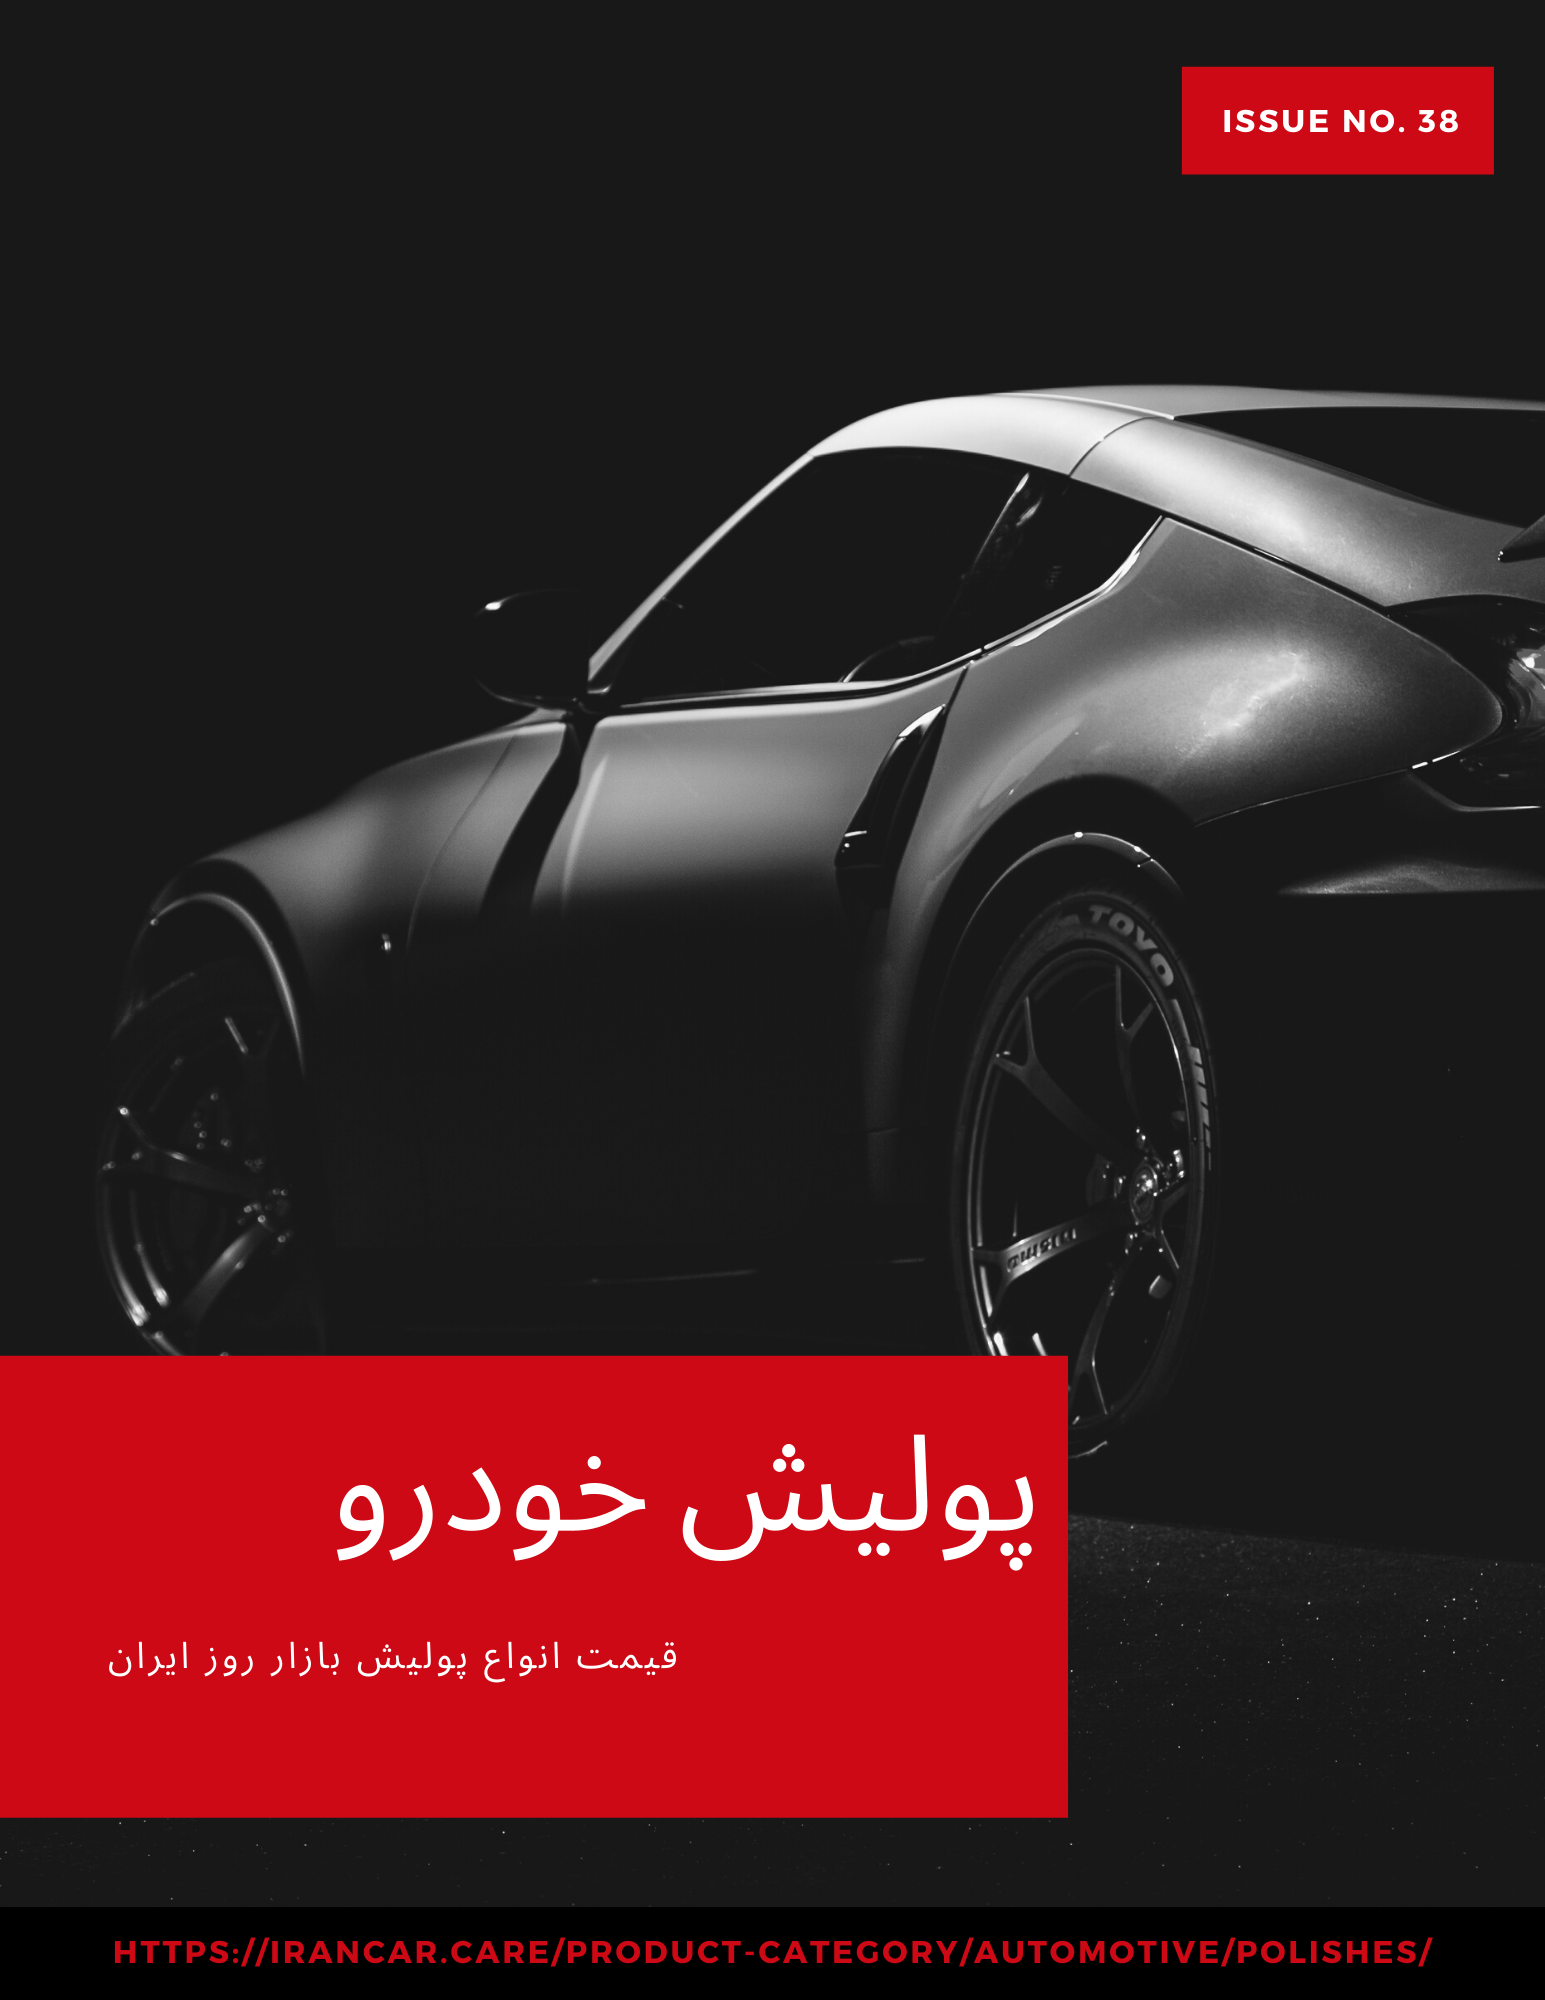 قیمت انواع پولیش بازار روز ایران